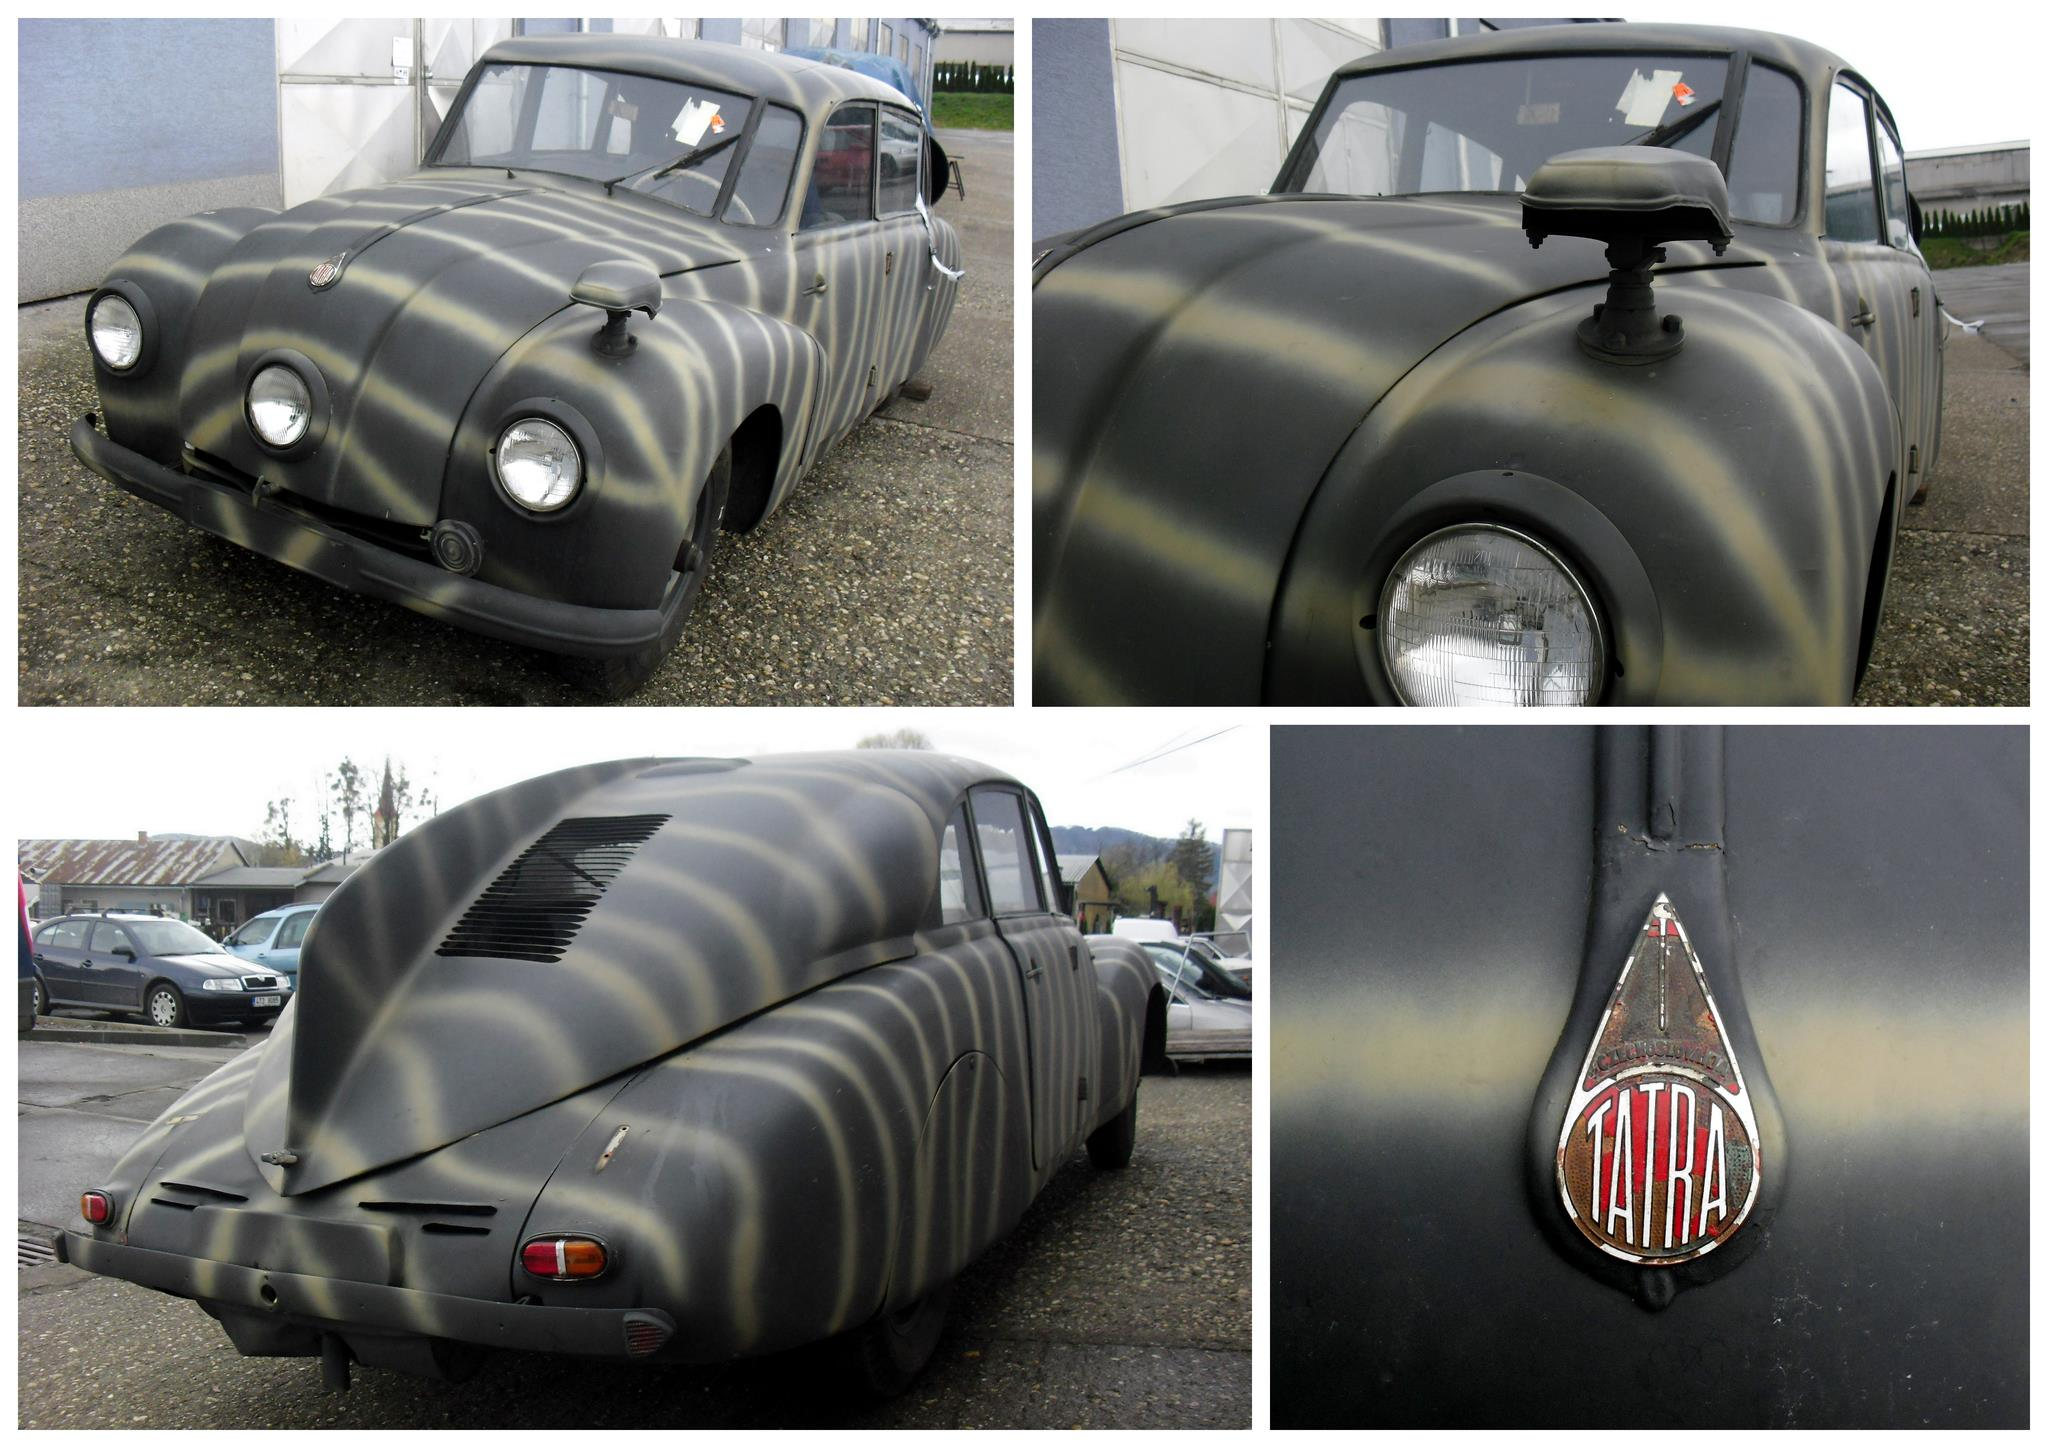 Tatra-87